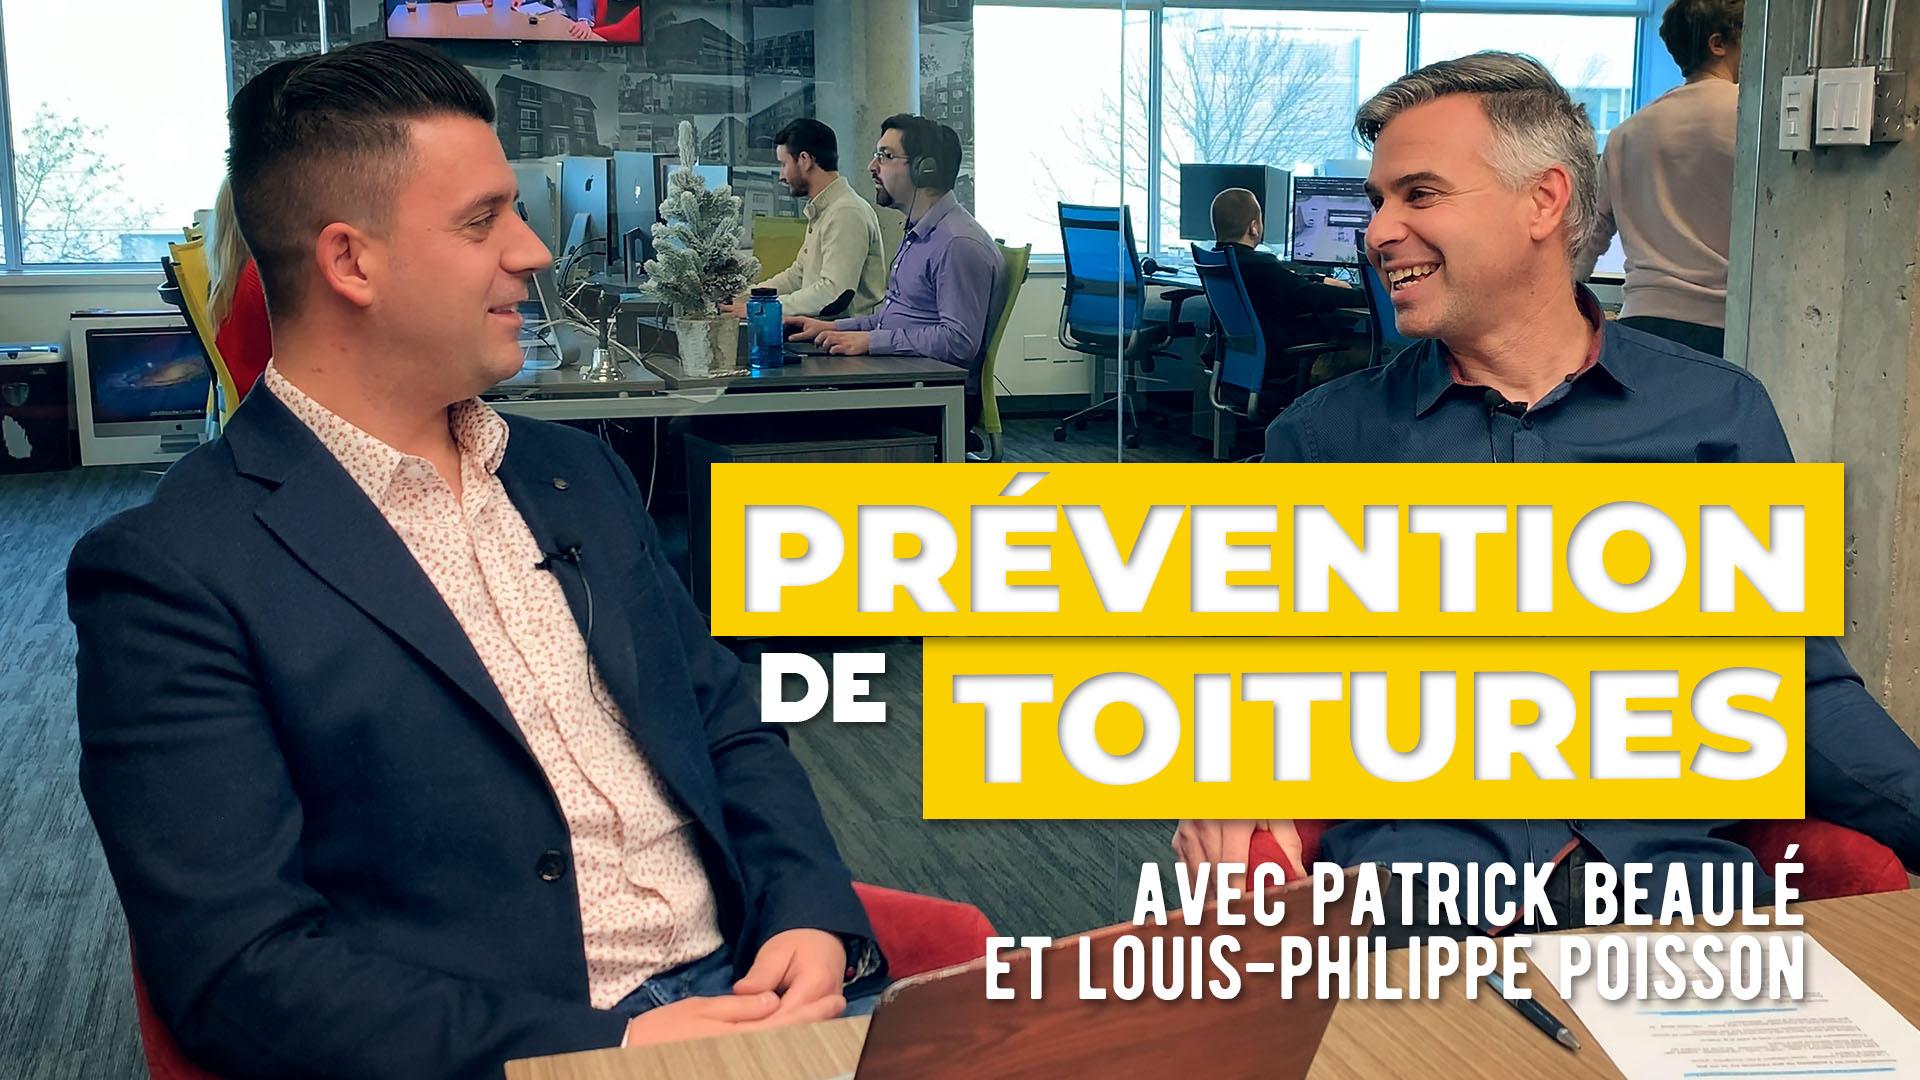 Prévention_de_toiture_Patrick_Beaulé_et_Louis-Philippe_Poisson